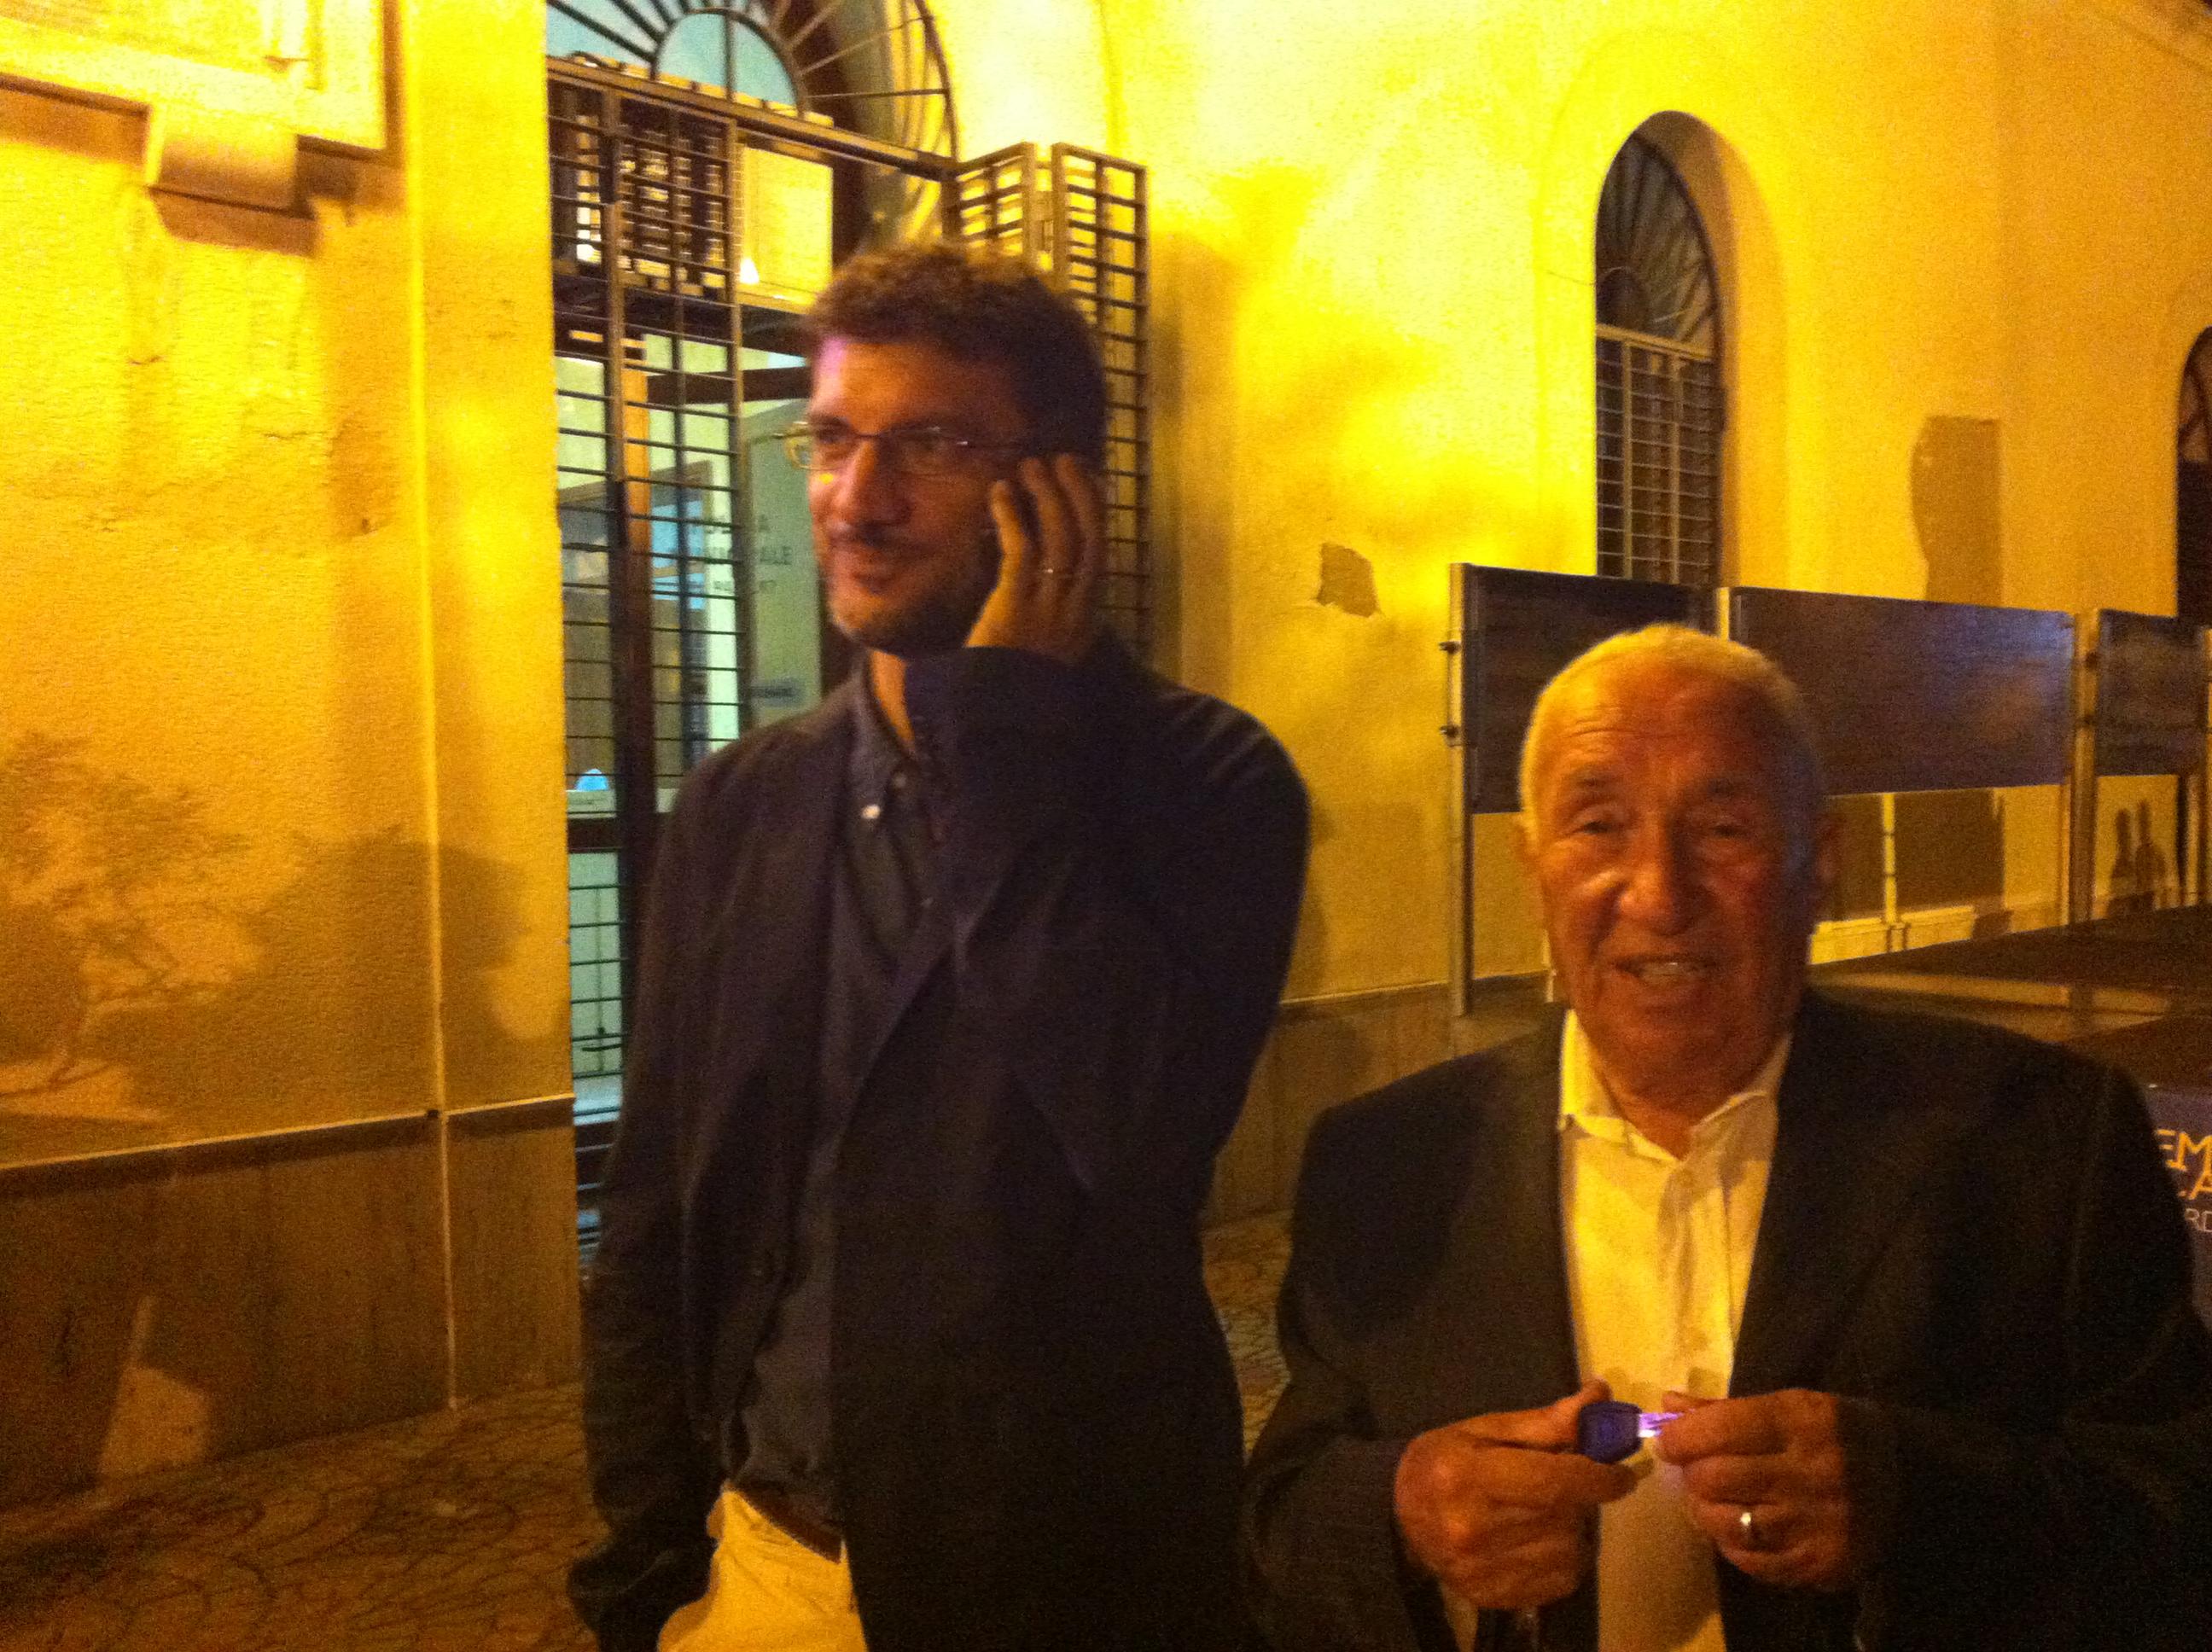 Intervista a Fabio Stassi, vincitore del Premio Racalmare 2013 | Pubblicata su La Sicilia cartaceo